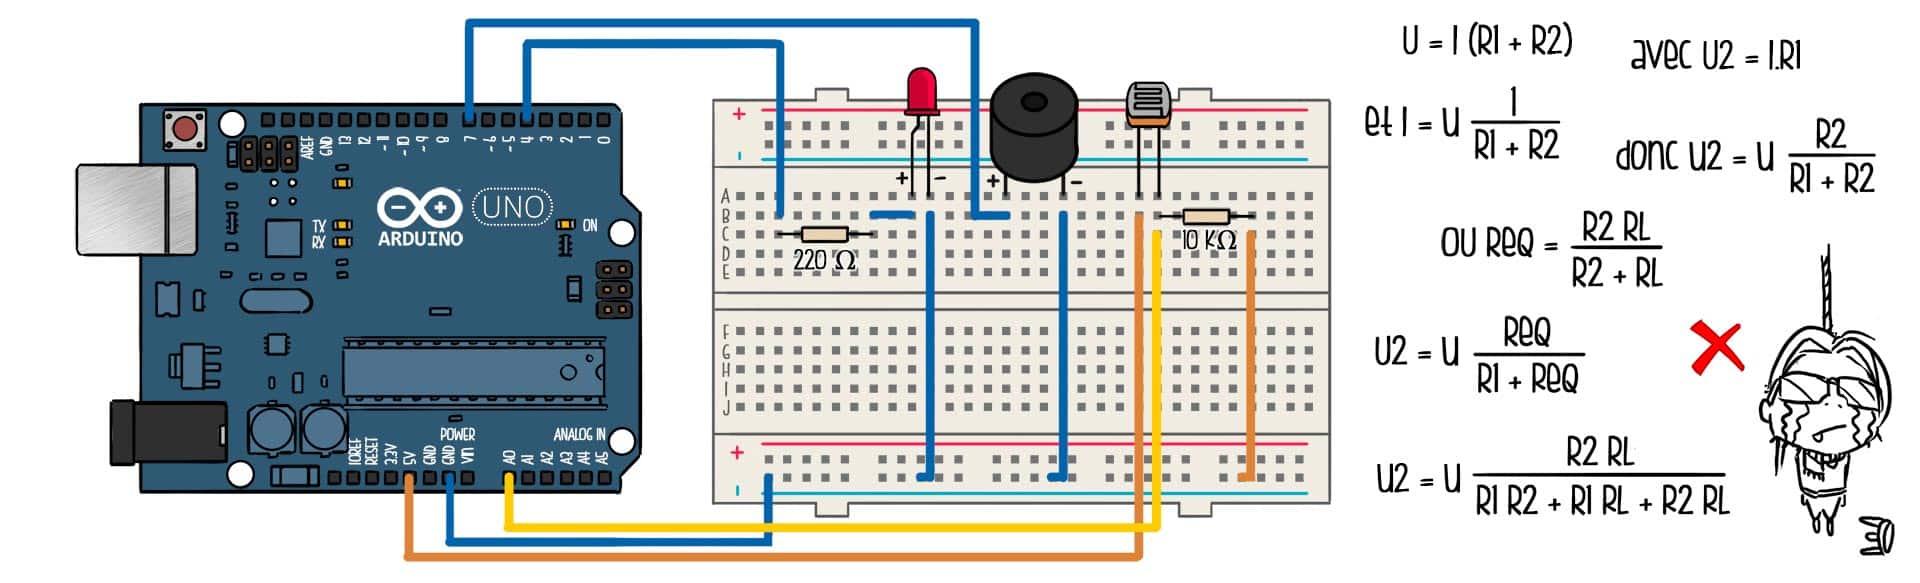 fabriquer un parcours d 39 obstacles laser partir d 39 un arduino